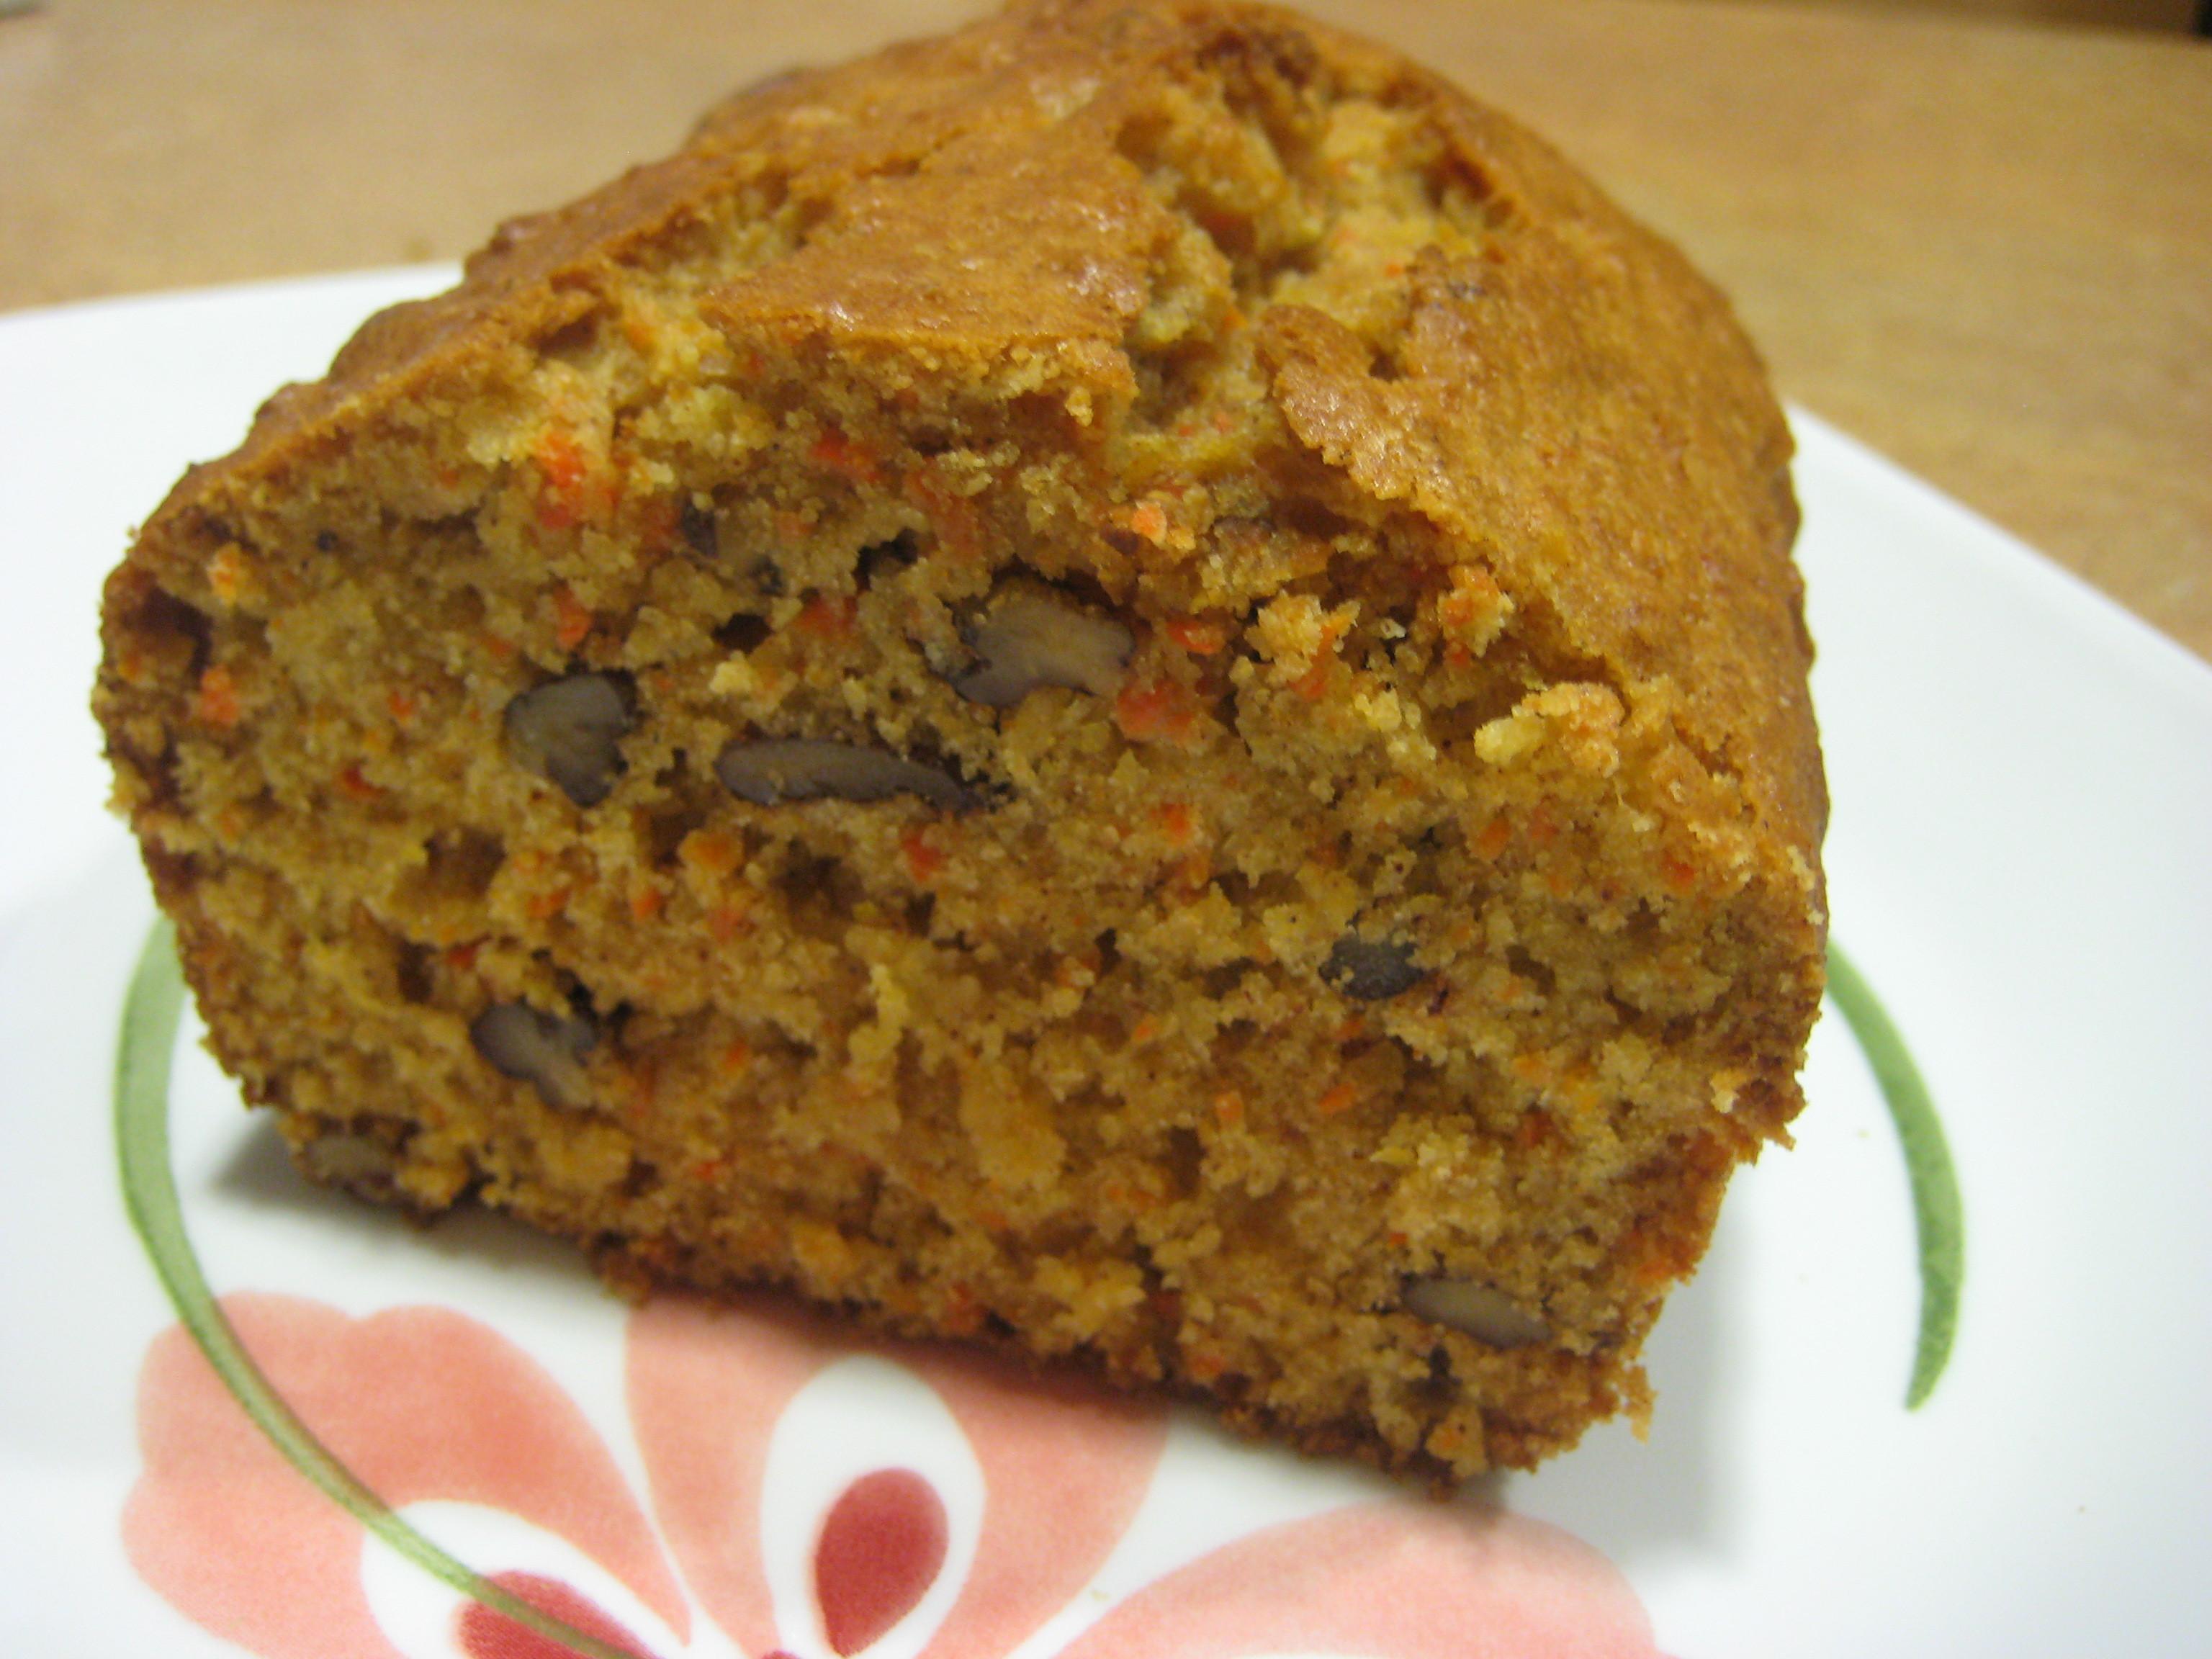 Carrot Bread Healthy  Carrot Pineapple Bread